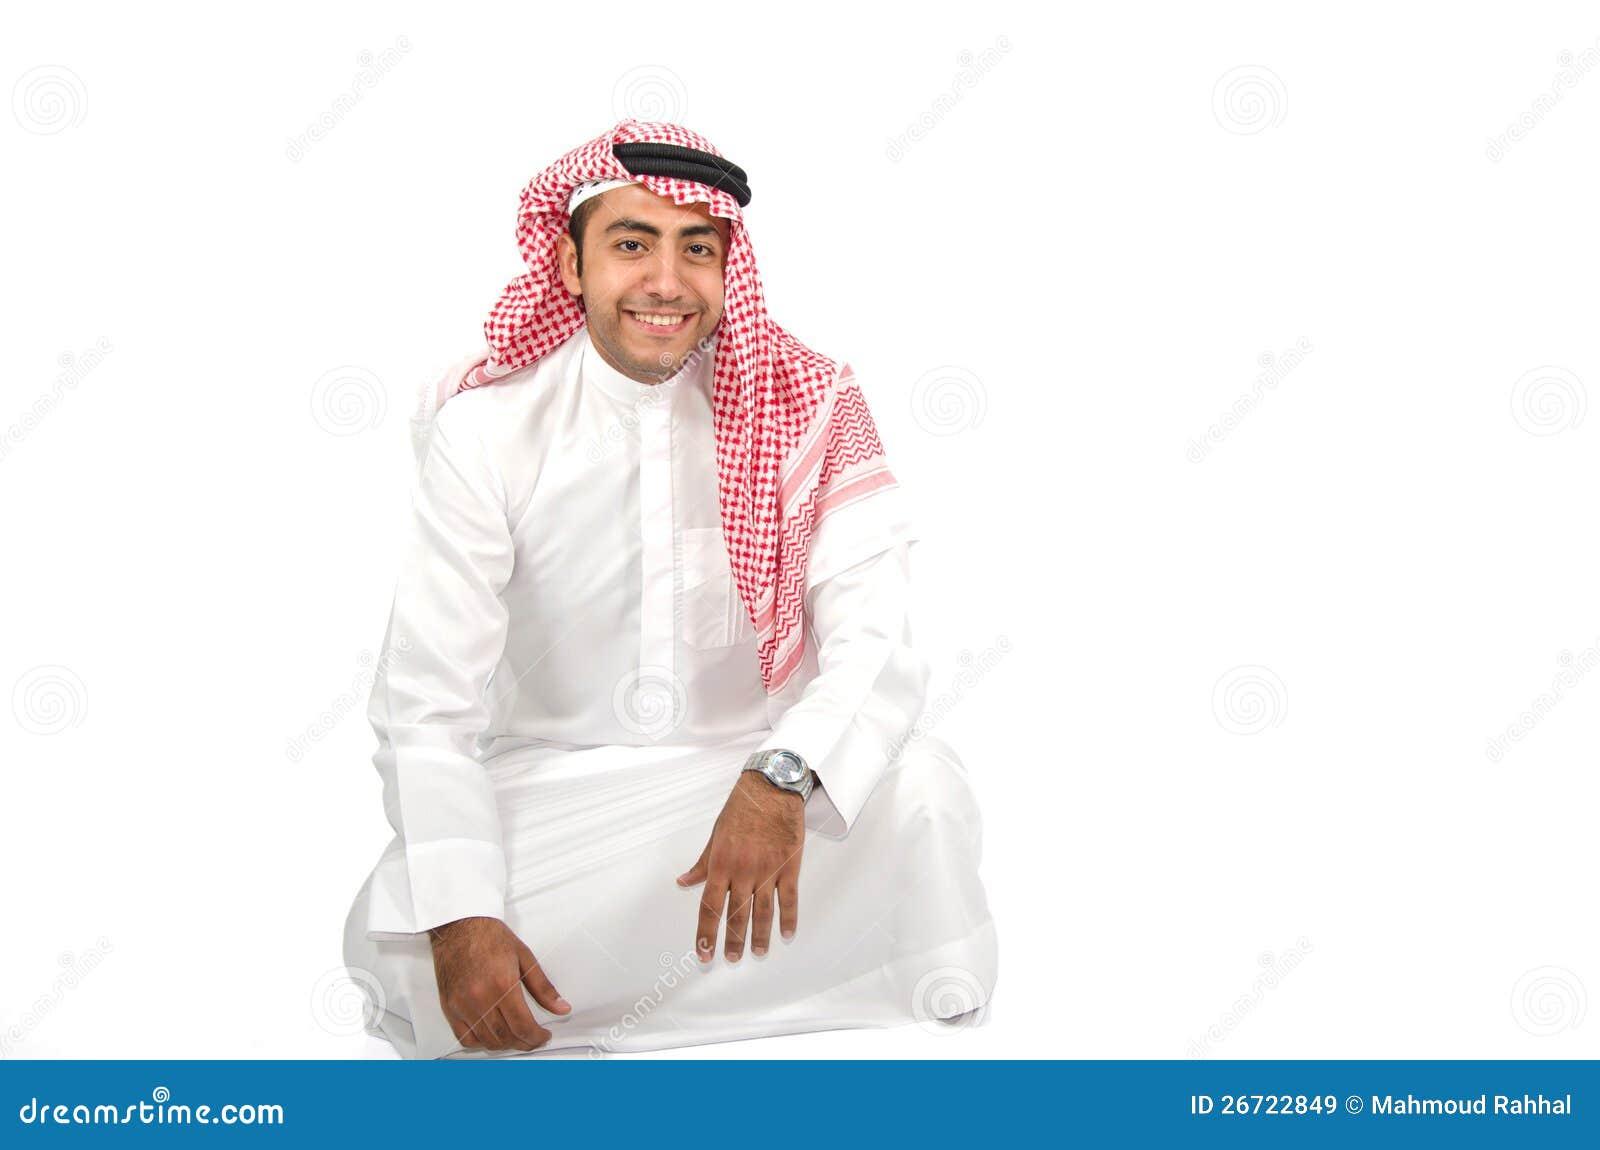 arab free man naked pic